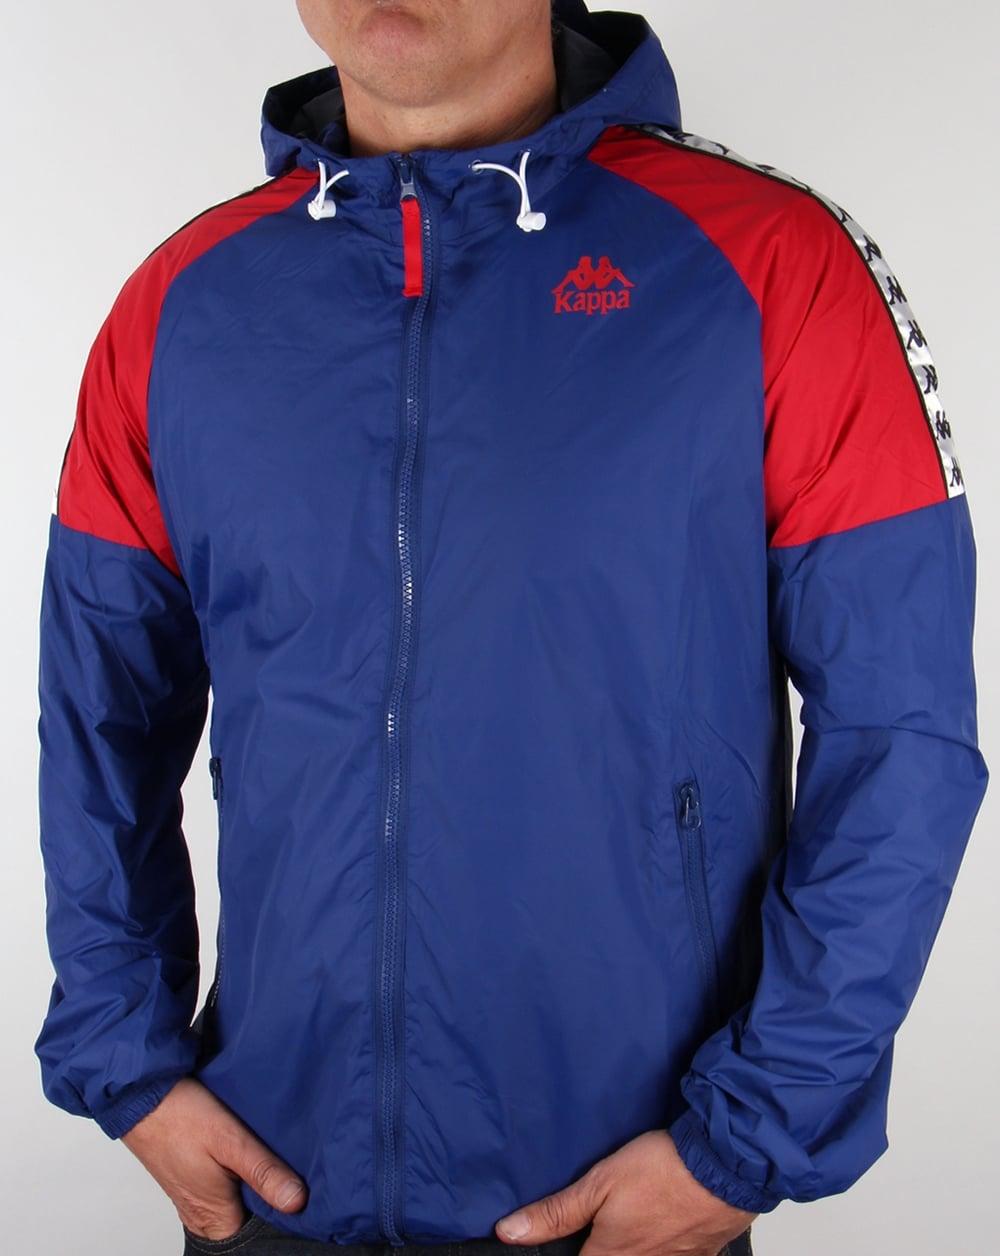 Helly Hansen Mens Jacket